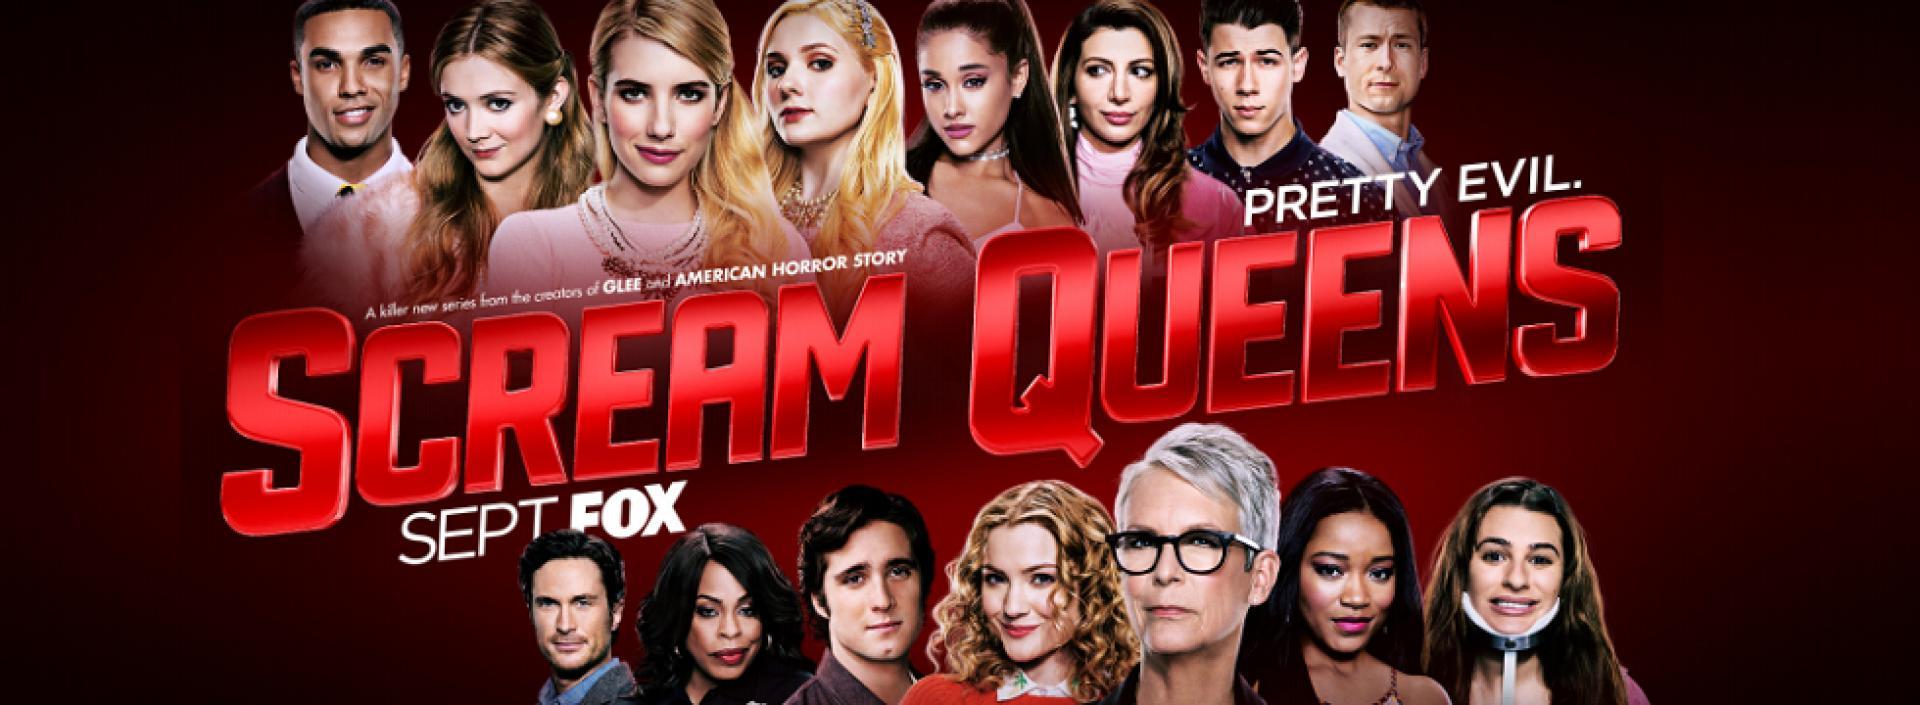 Scream Queens 1x06